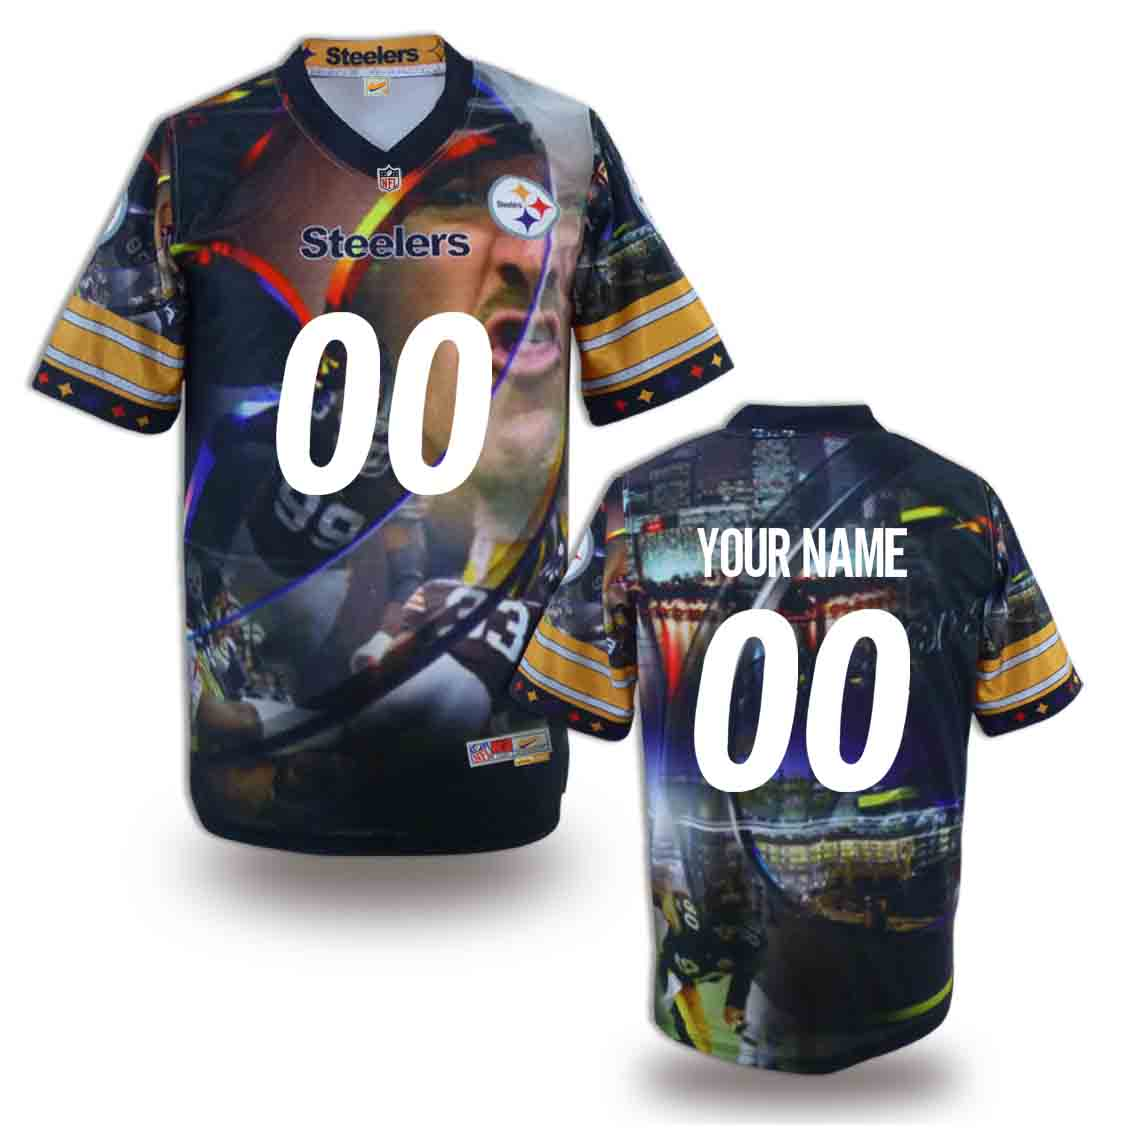 Nike Steelers Customized Fashion Stitched Jerseys05